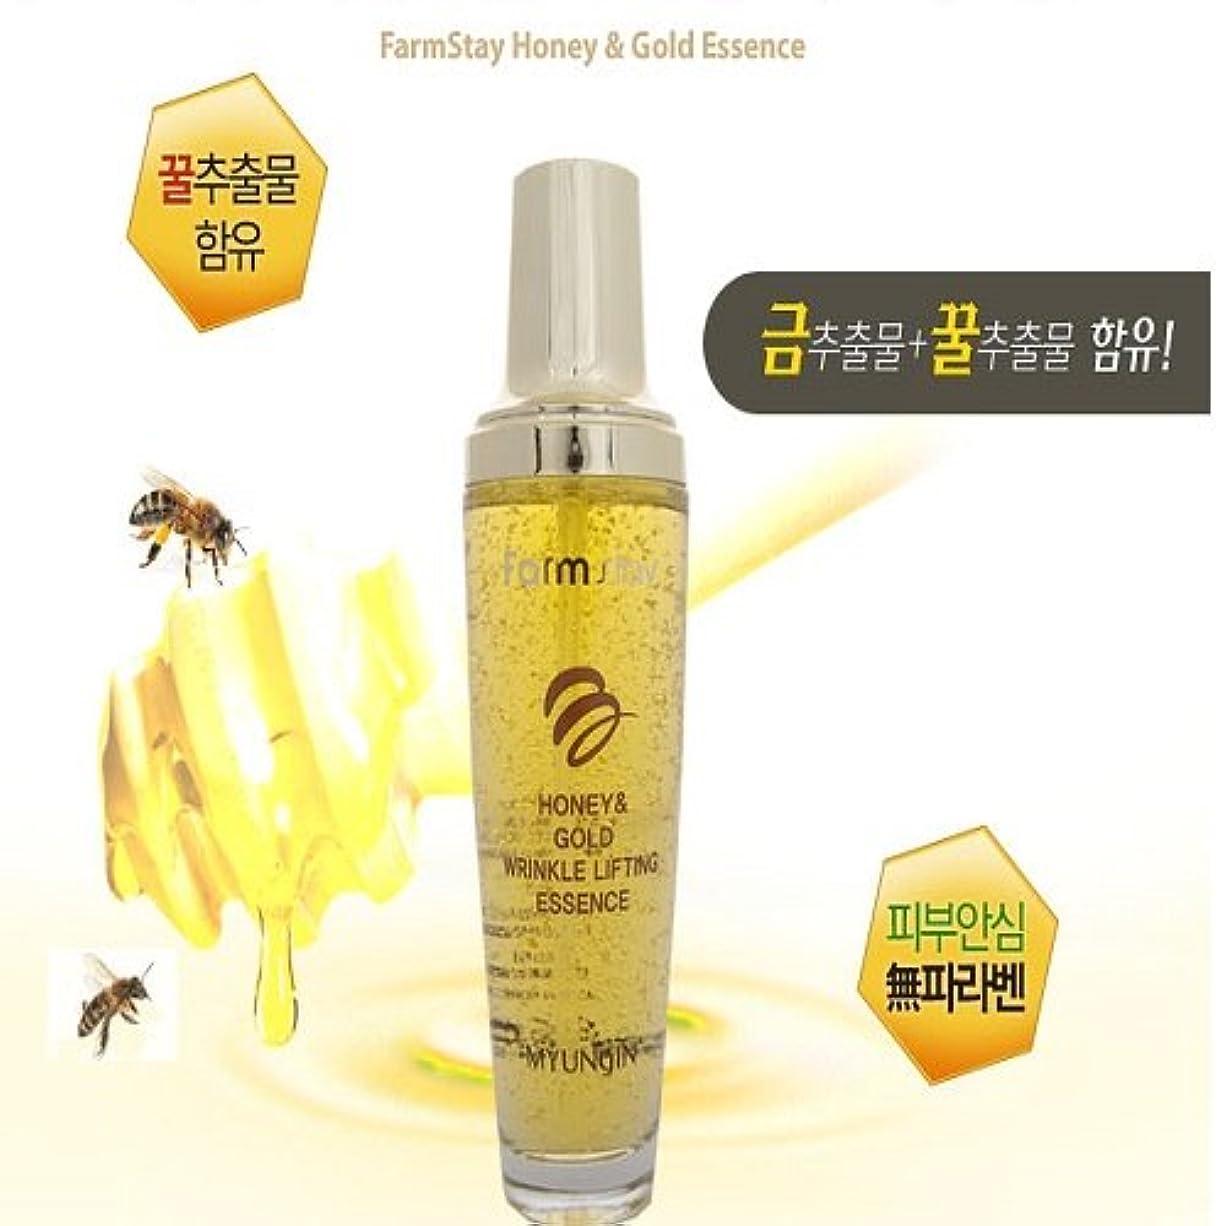 固執パンサー疎外[FARM STAY] Honey & Gold Wrinkle Lifting Essence 130ml